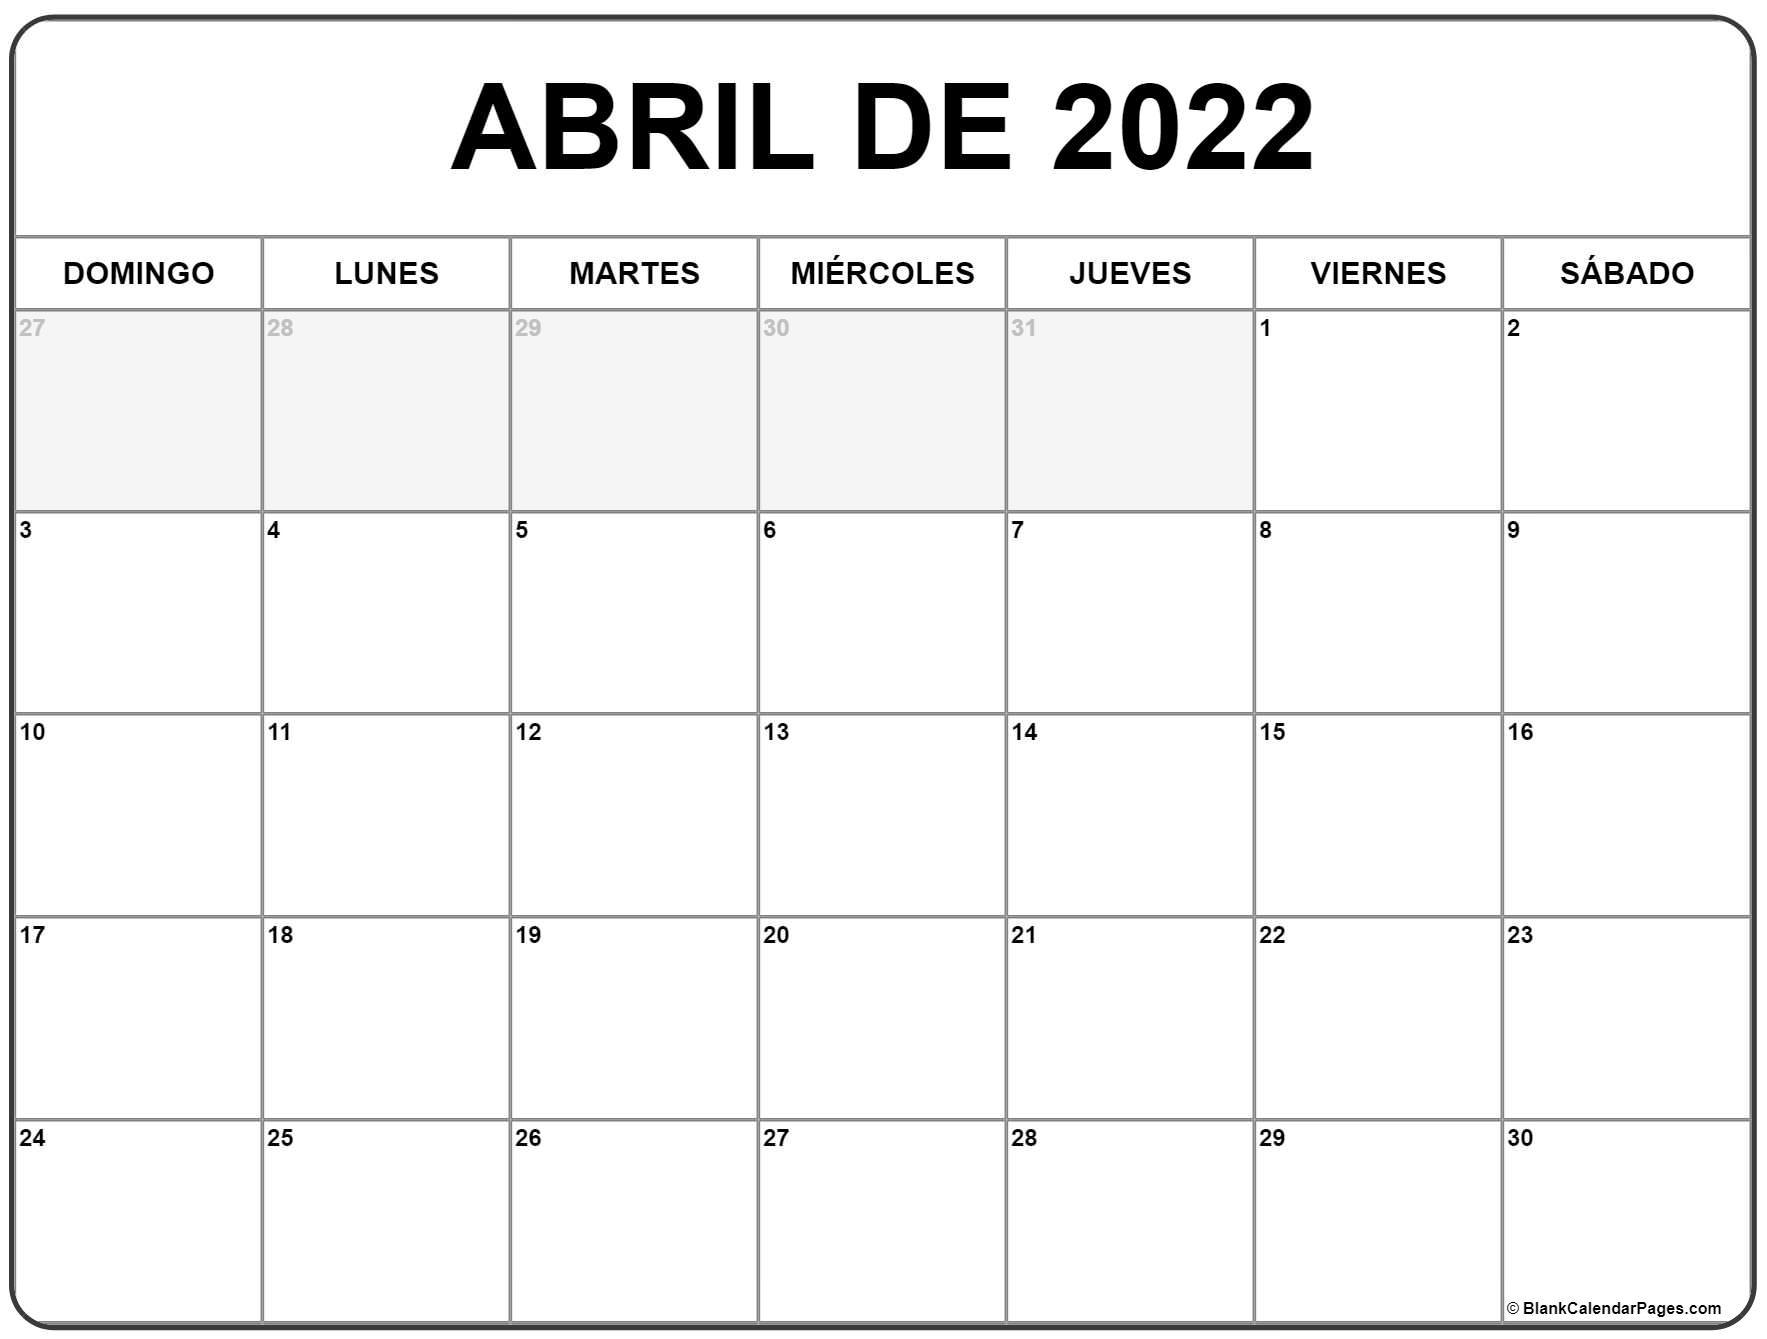 abril de 2022 calendario gratis